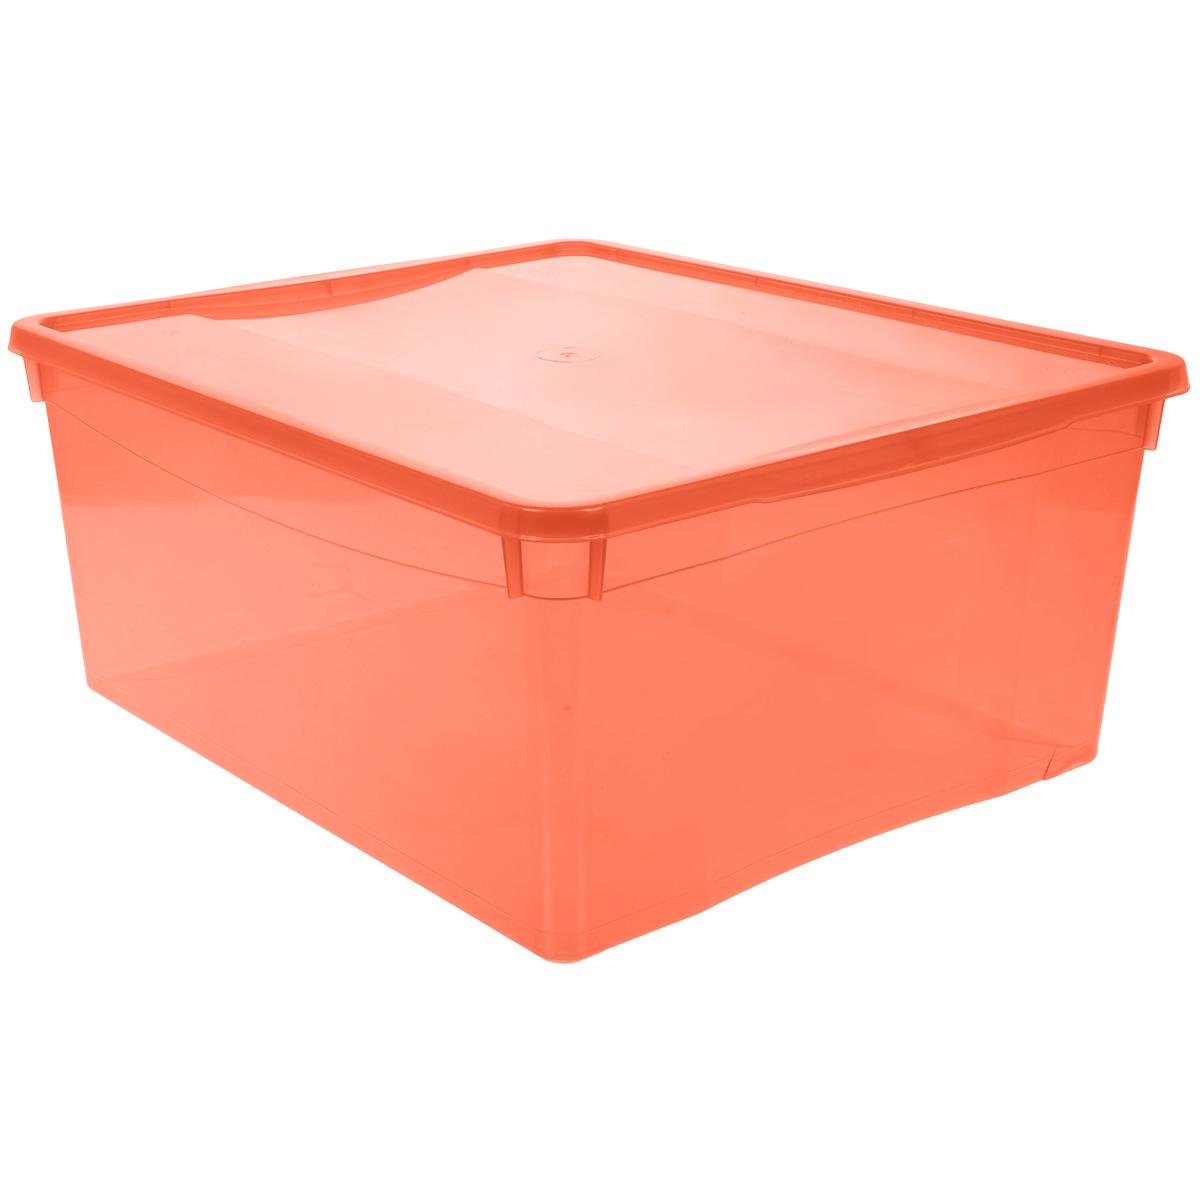 Ящик универсальный Бытпласт Колор Стайл с крышкой, цвет: красный, 18 лС12497 красныйУниверсальный ящик Бытпласт Колор Стайл выполнен из полипропилена и предназначен для хранения различных предметов. Ящик оснащен удобной крышкой.Очень функциональный и вместительный, такой ящик будет очень полезен для хранения вещей или продуктов, а также защитит их от пыли и грязи.